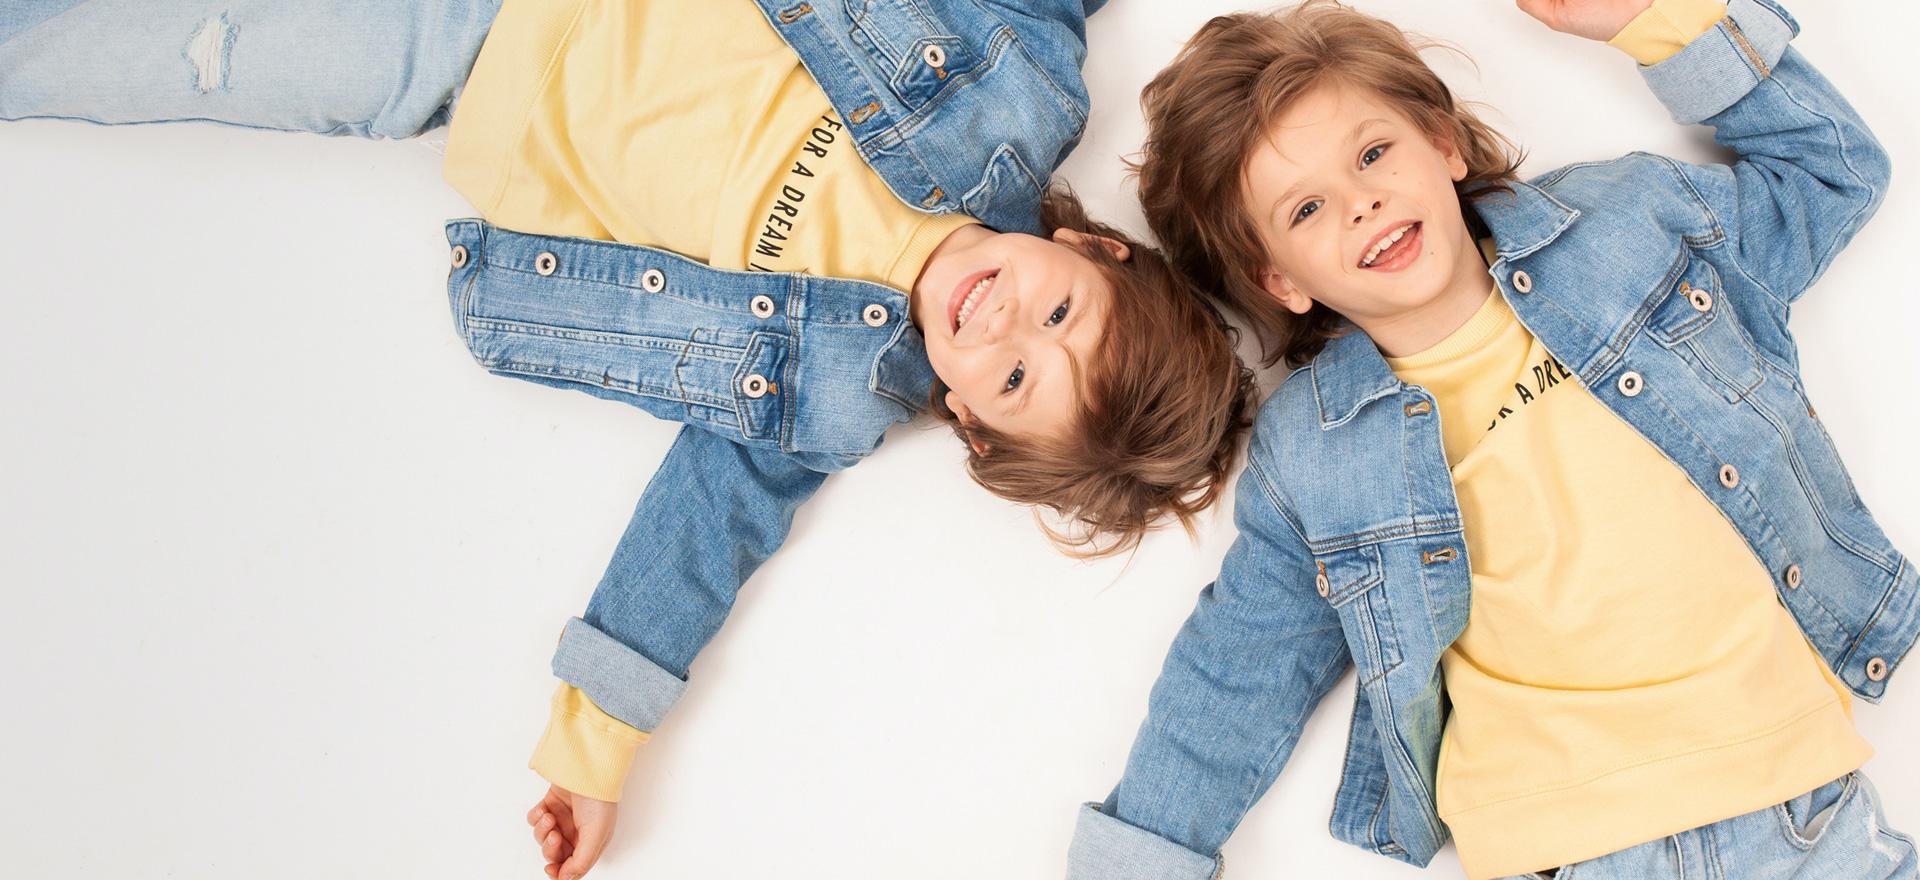 Children-Benefit-from-Divorce